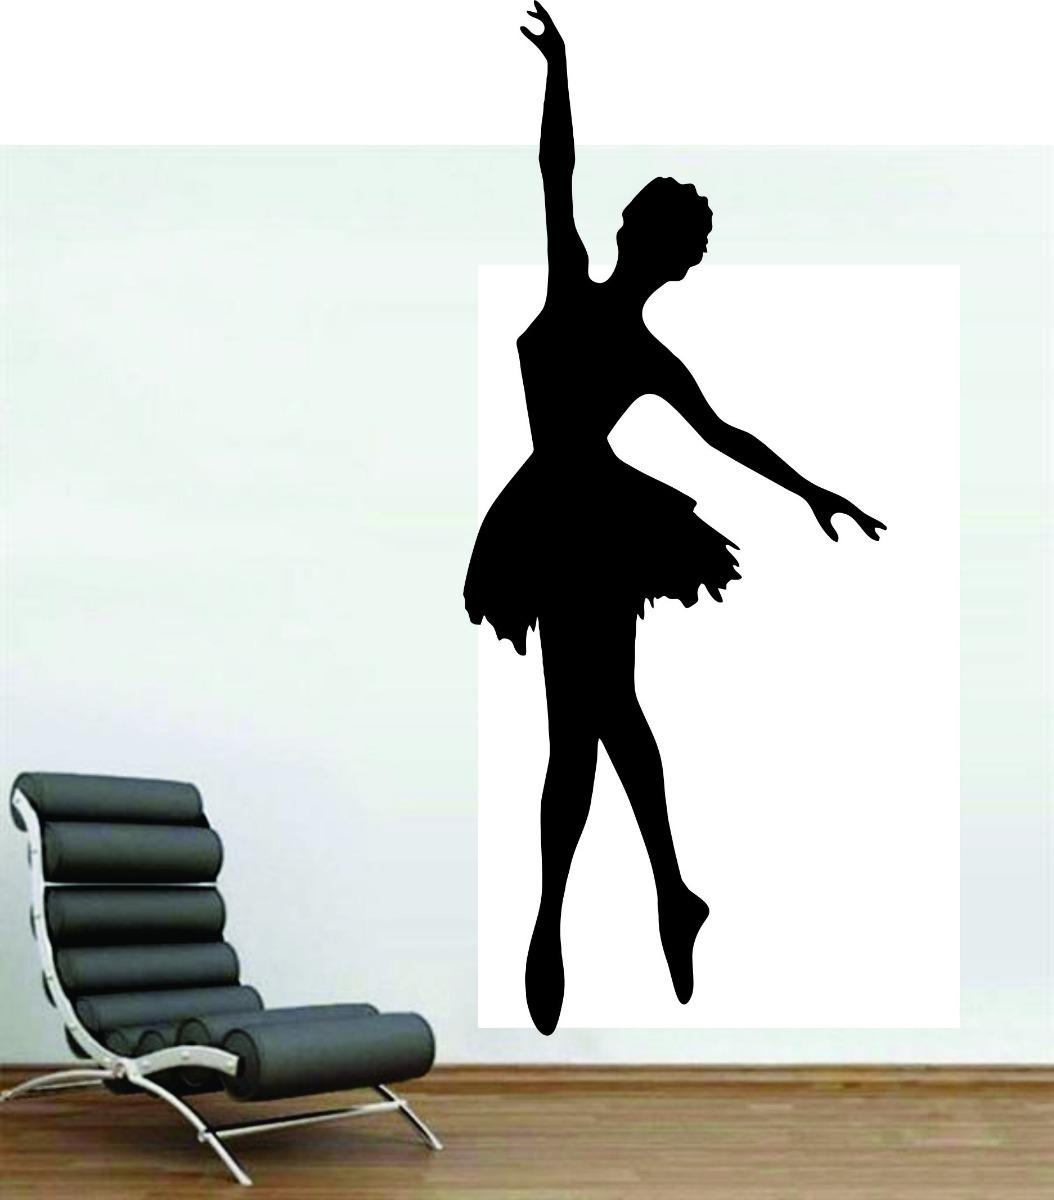 Adesivo Azulejo Pastilha Resinada ~ Adesivo Decorativo Bailarina + Judoca 2 De Cada R$ 111,00 em Mercado Livre